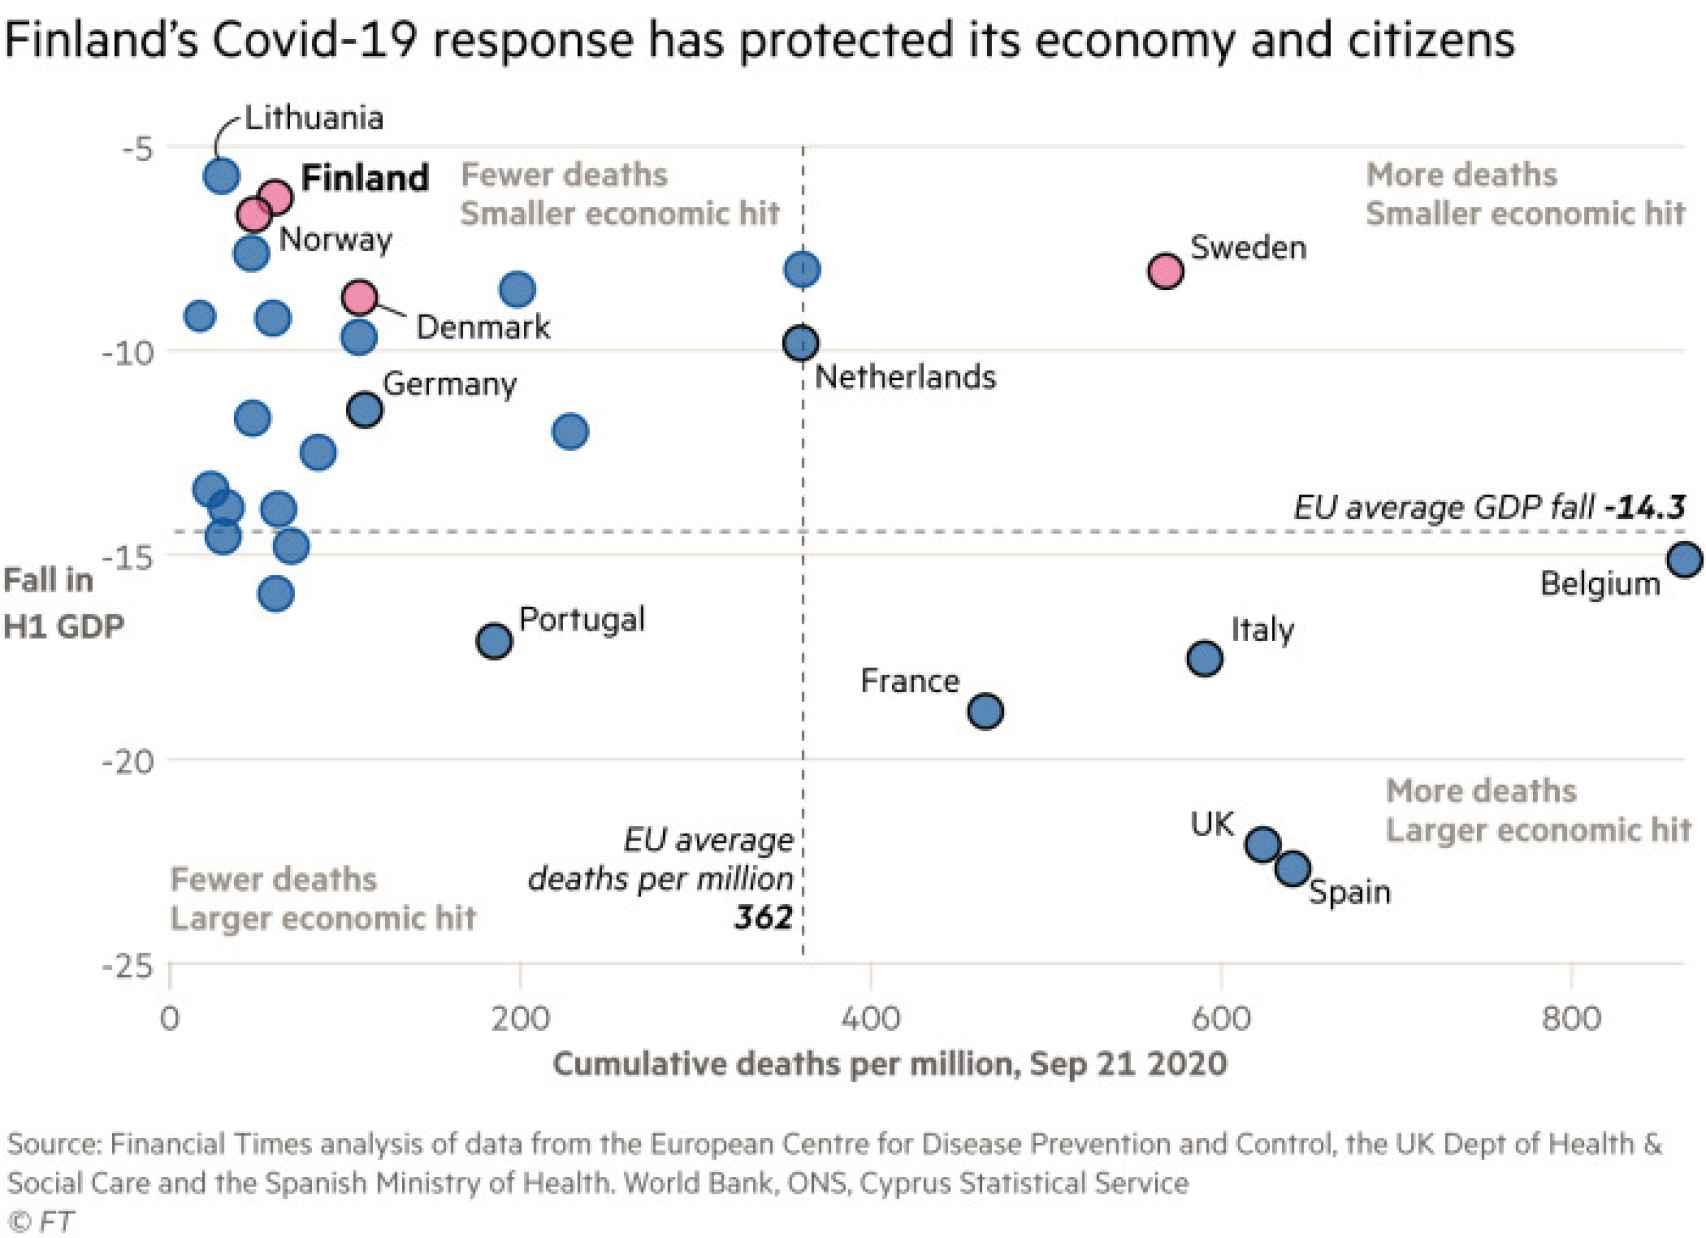 Gráfico del FT sobre la evolución de muertes y PIB durante la pandemia de la Covid-19